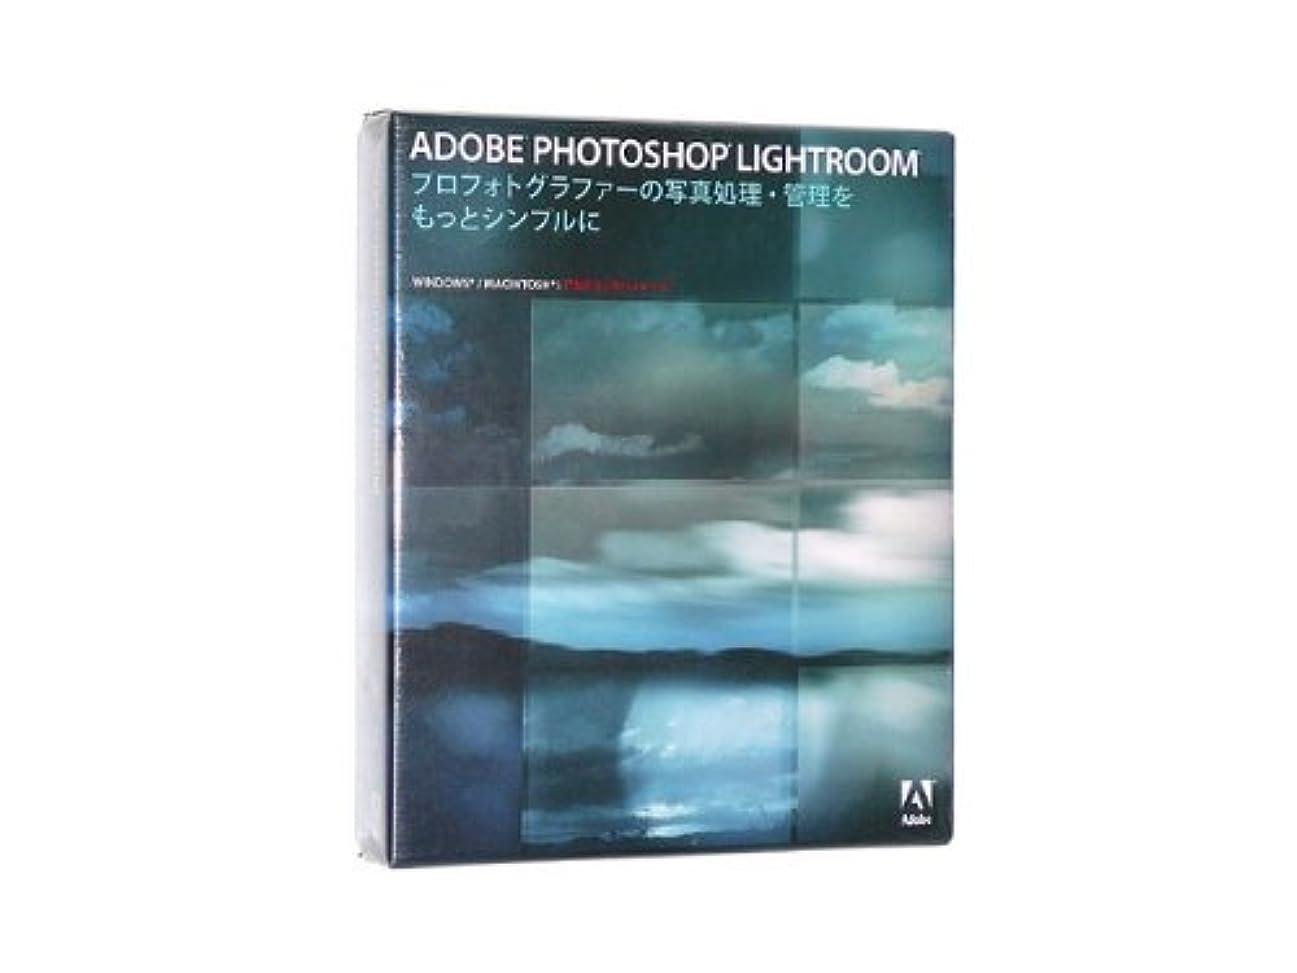 触手野望ラビリンスPhotoshop Lightroom 1.0 日本語版 Hybrid アカデミックパッケージ